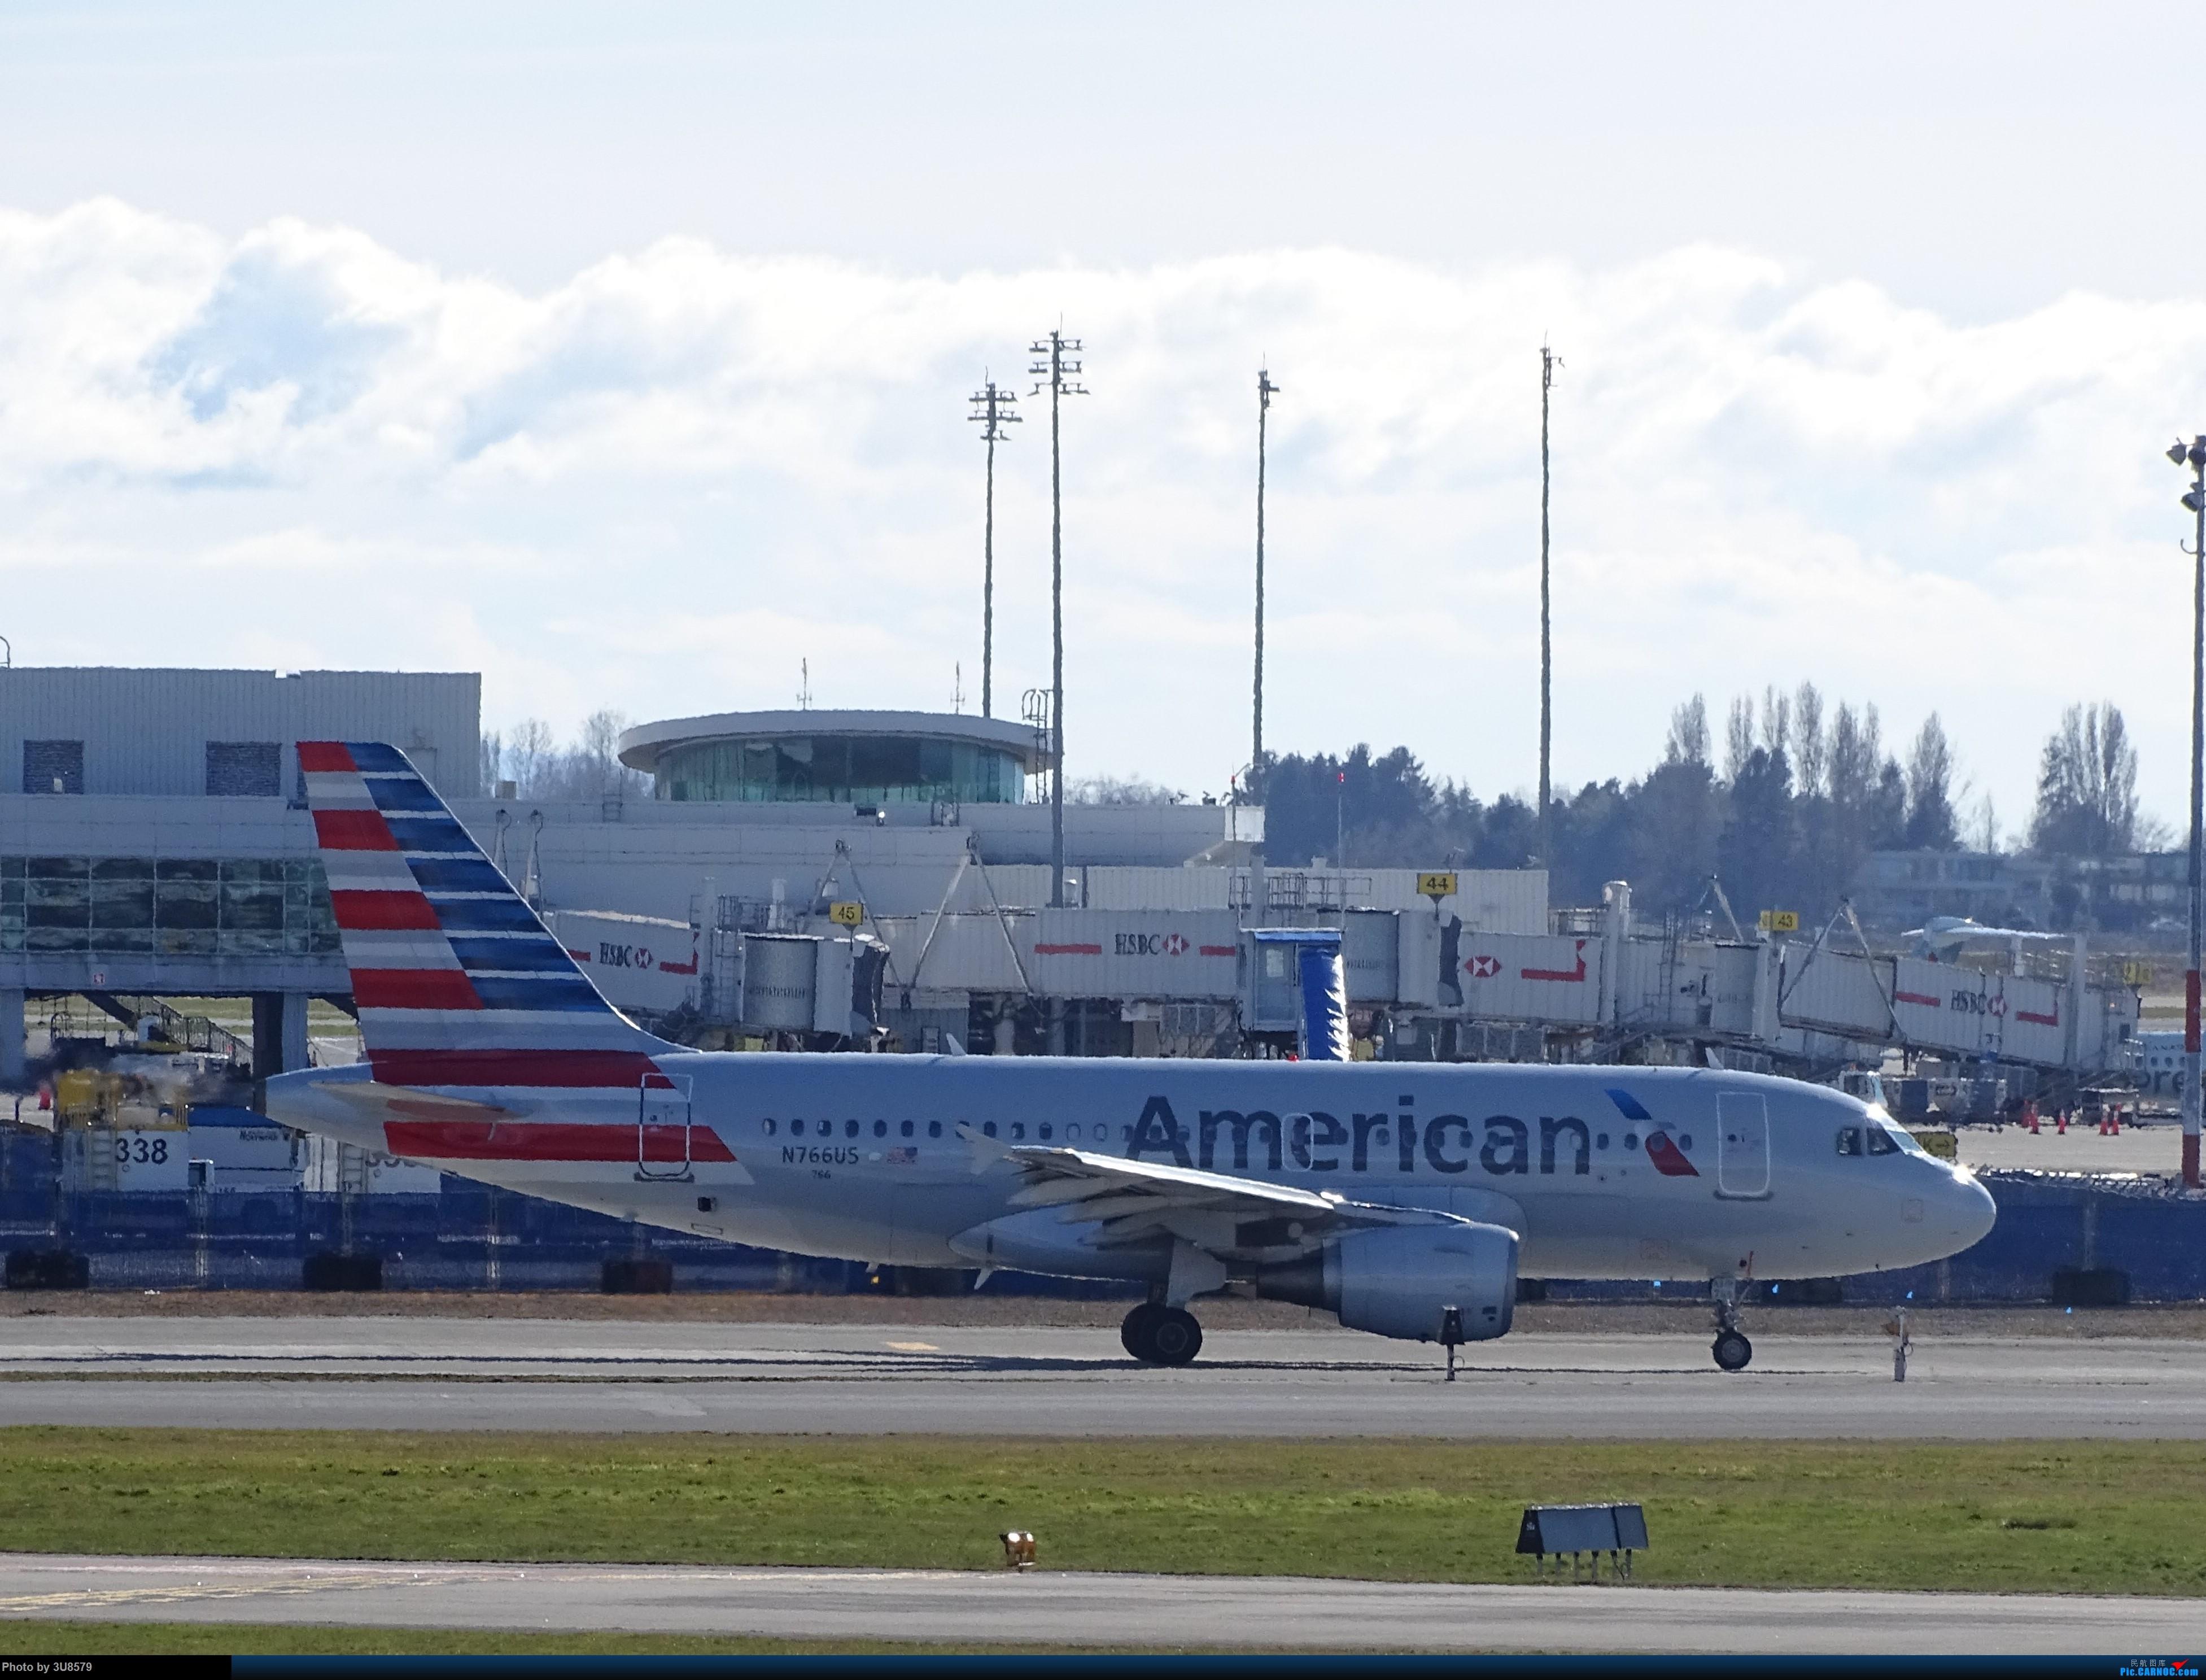 回国前再发一贴,望一切安好 AIRBUS A319-100 N766US 加拿大温哥华机场